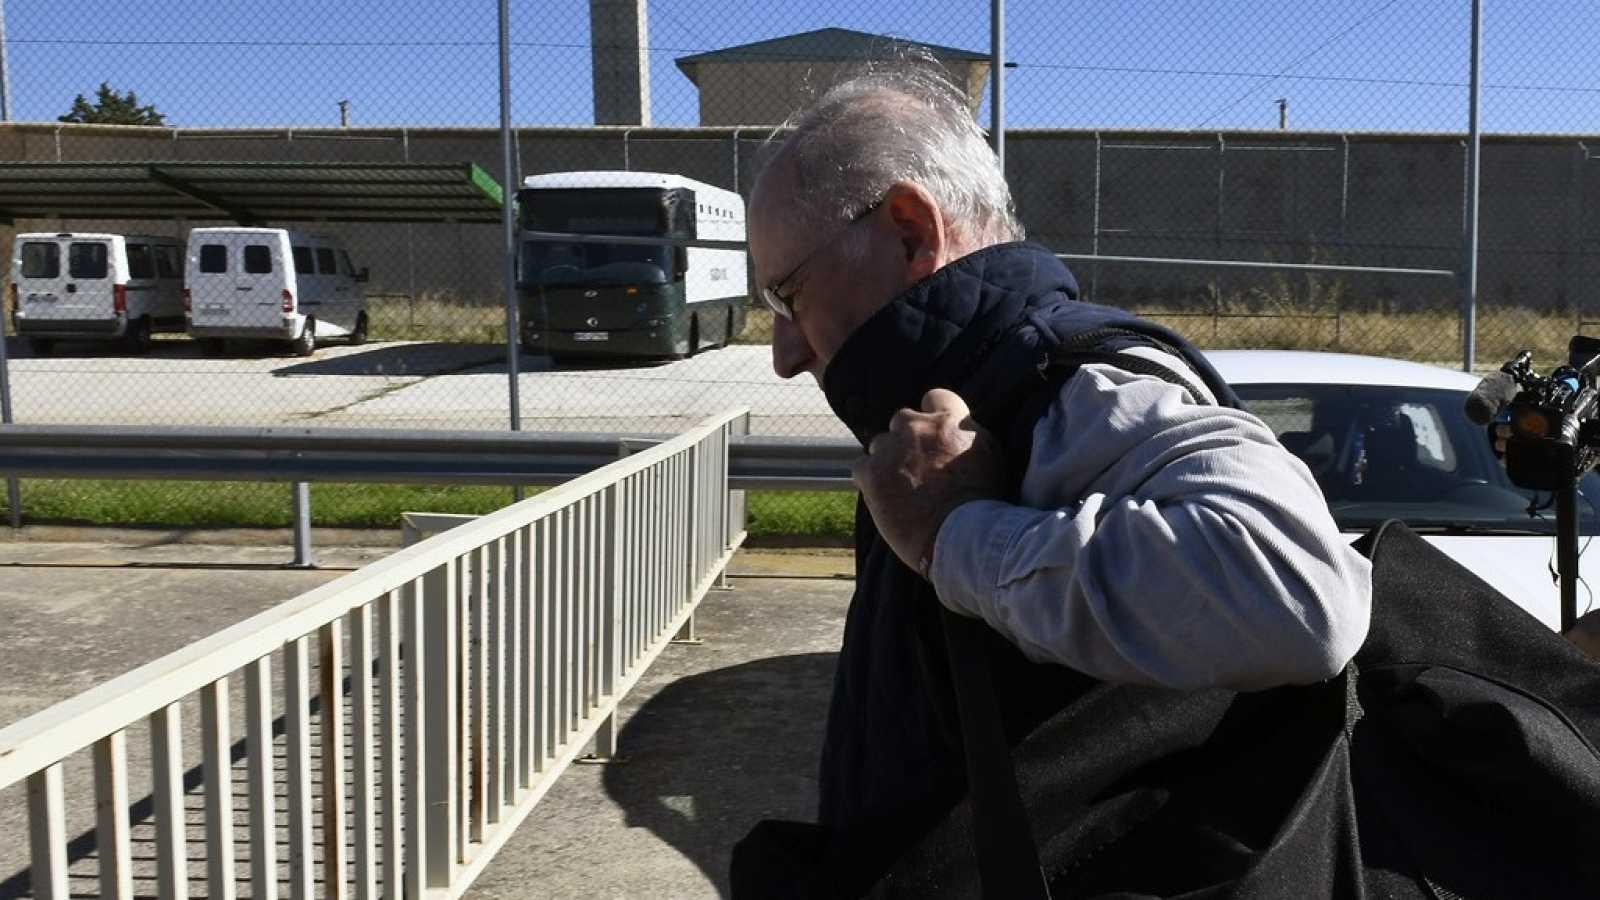 Rodrigo Rato en prisión, condenado a más de 4 años por apropiación indebida en Bankia